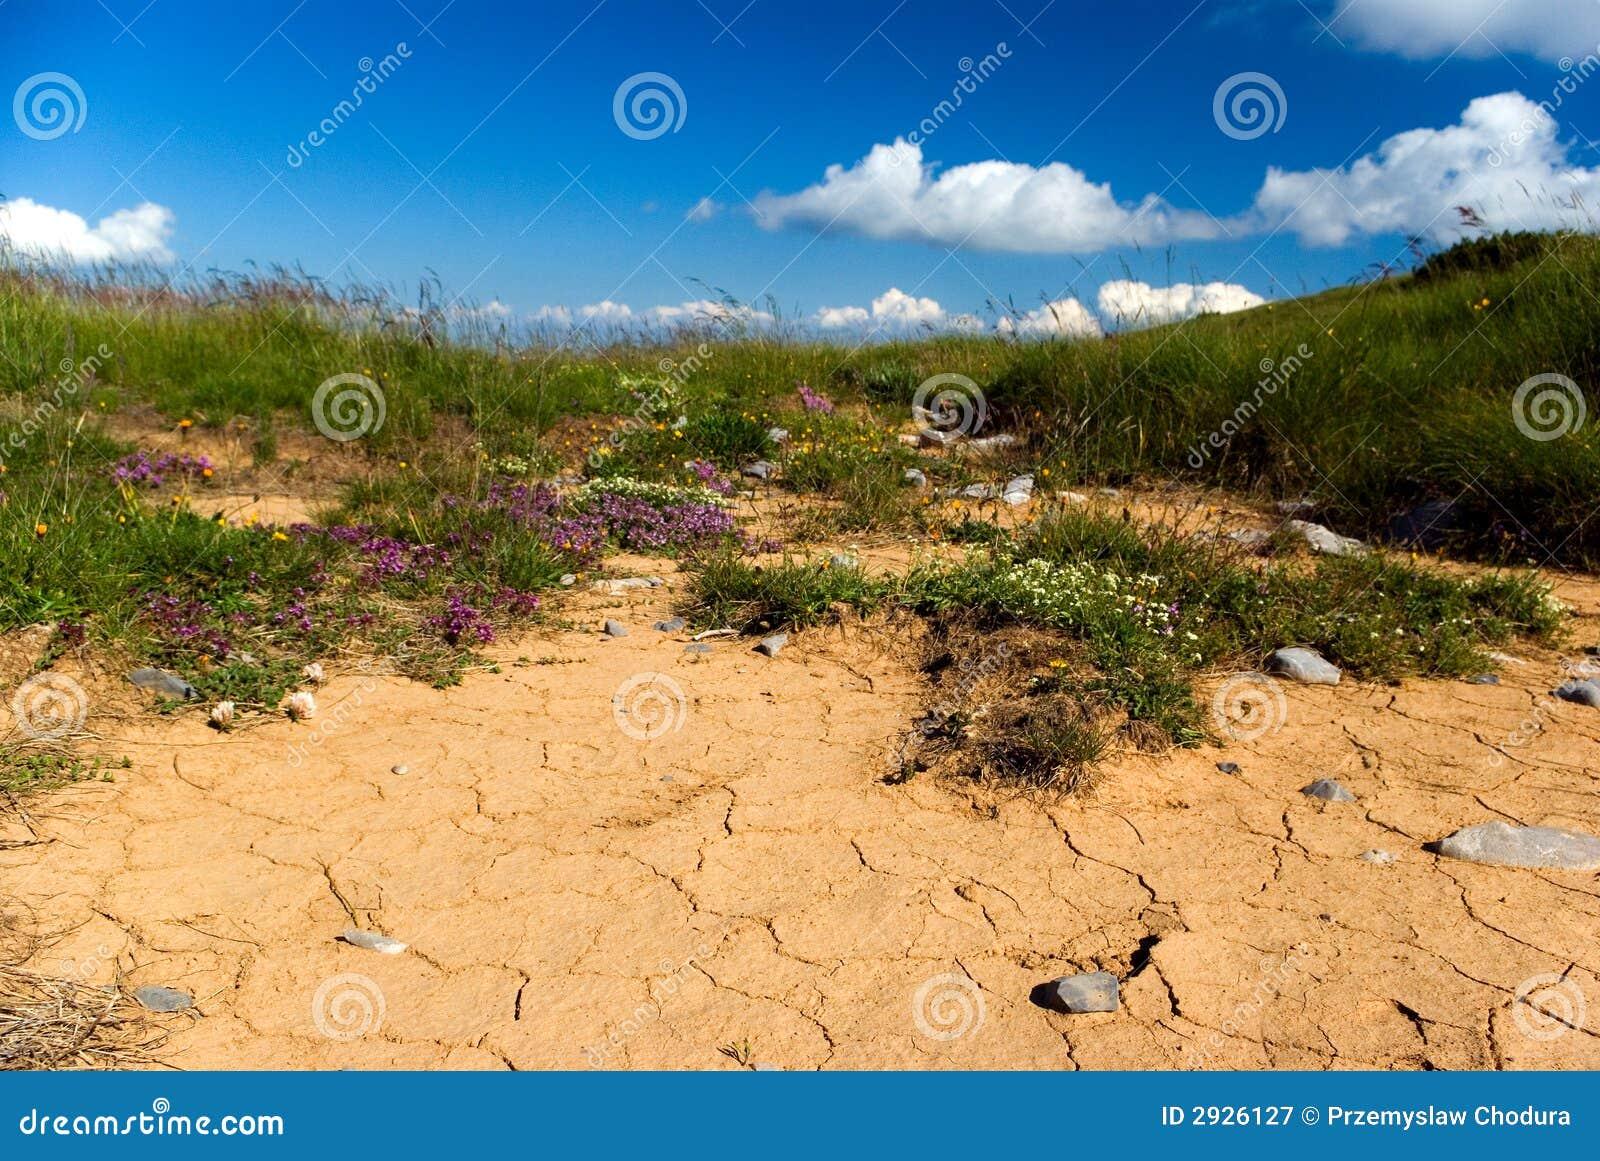 Trockener boden lizenzfreie stockfotografie bild 2926127 for Boden desktop